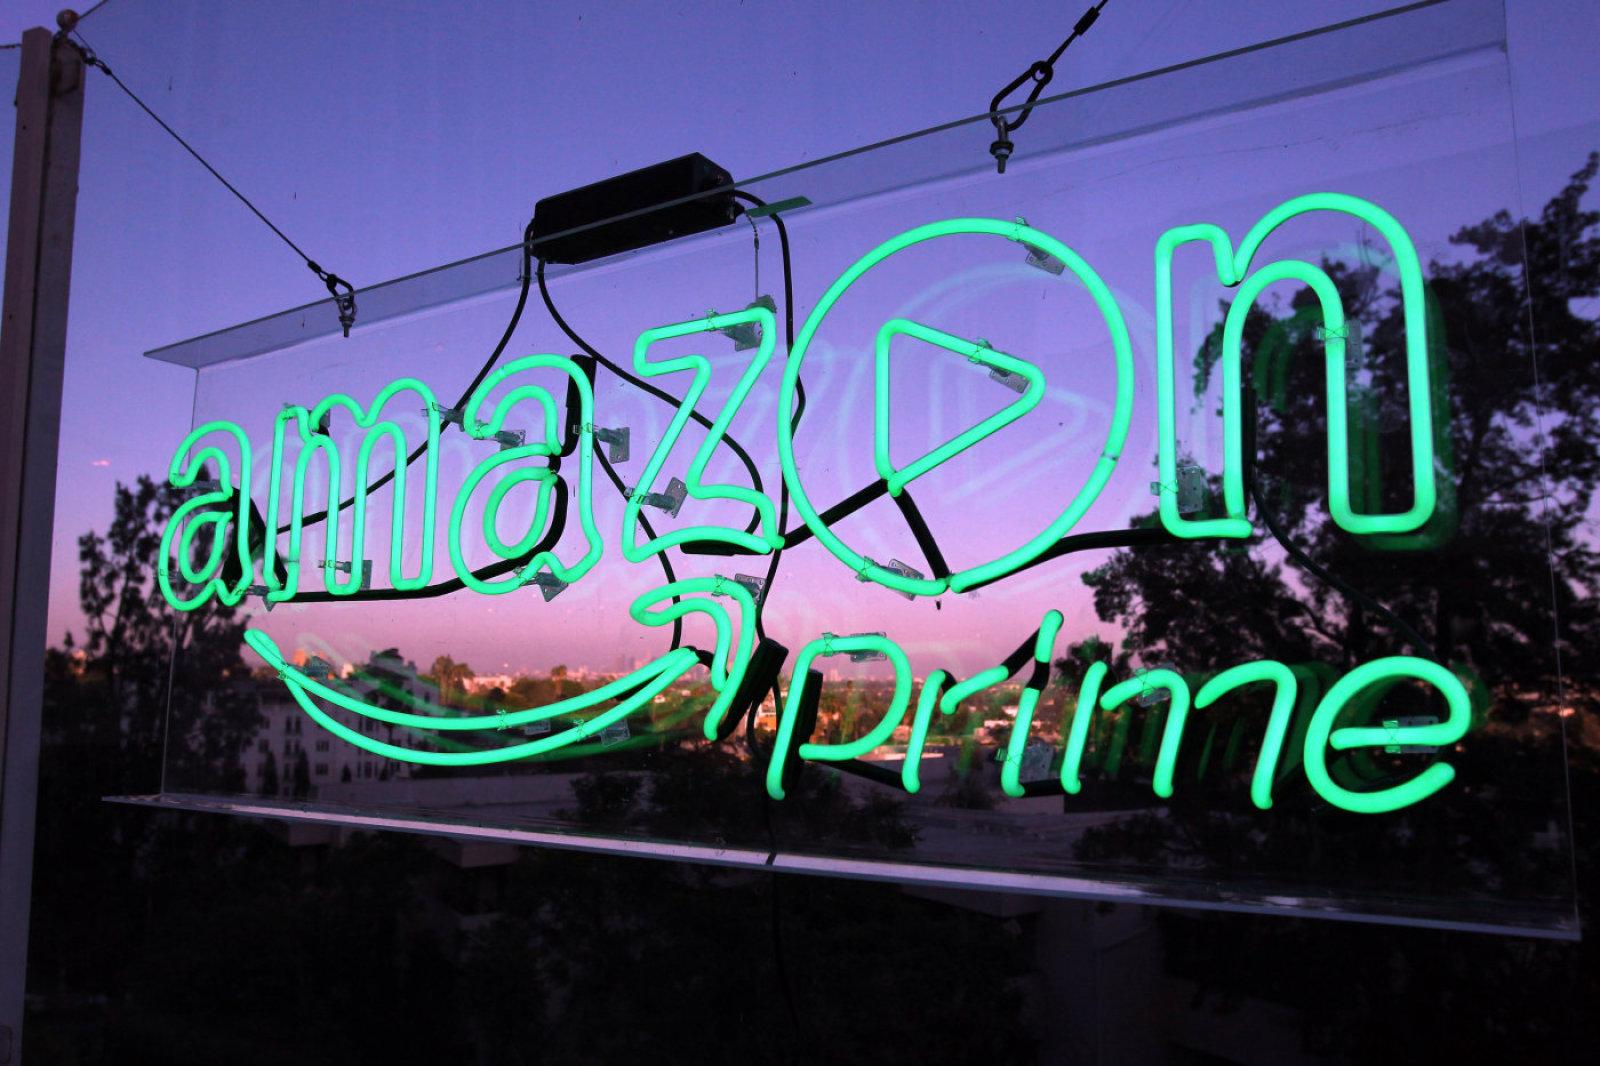 amazon, internet, prime, isp, amazon prime